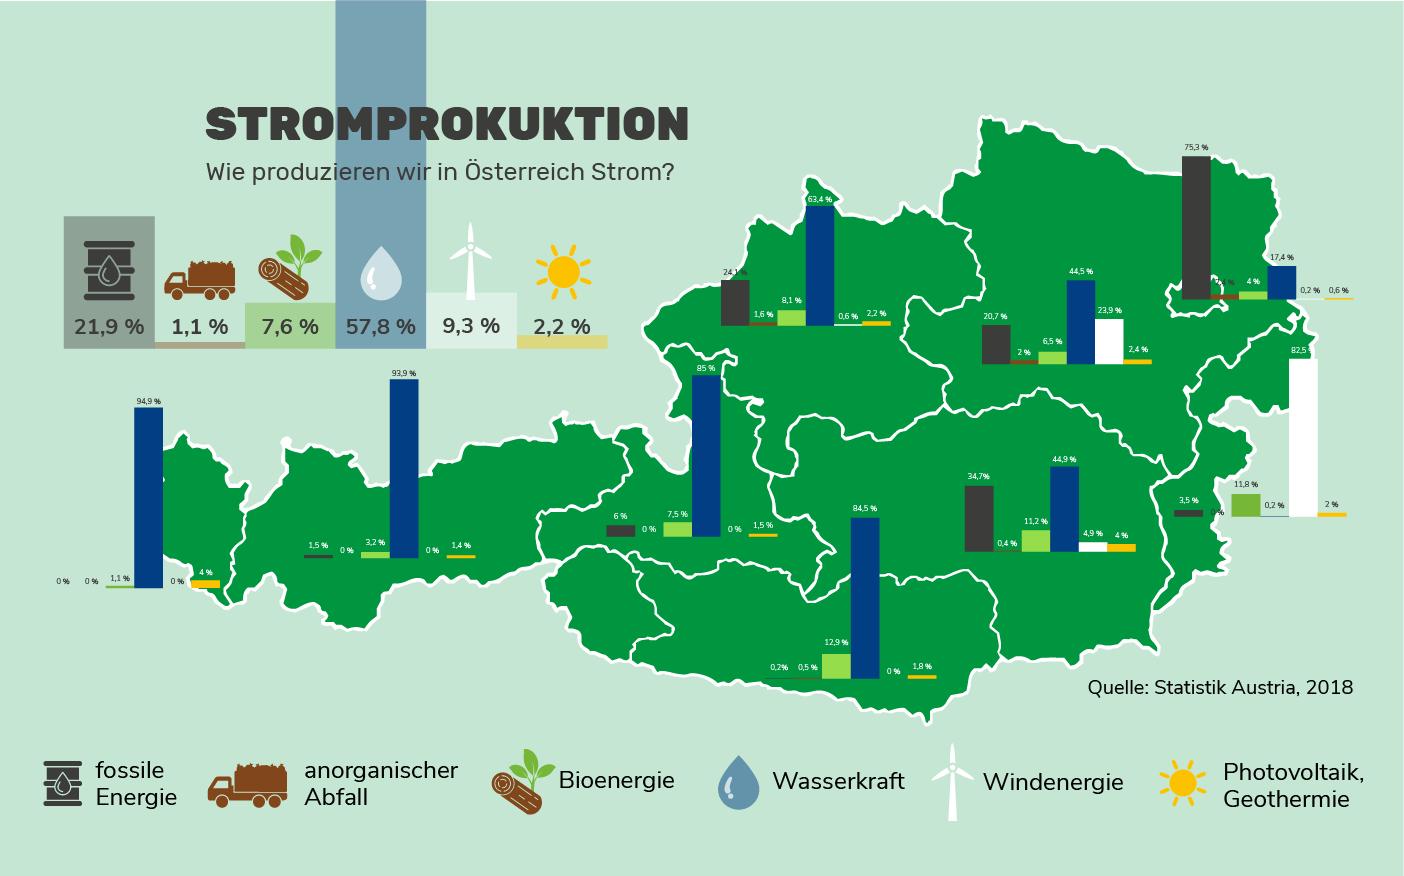 Stromproduktion in Österreich